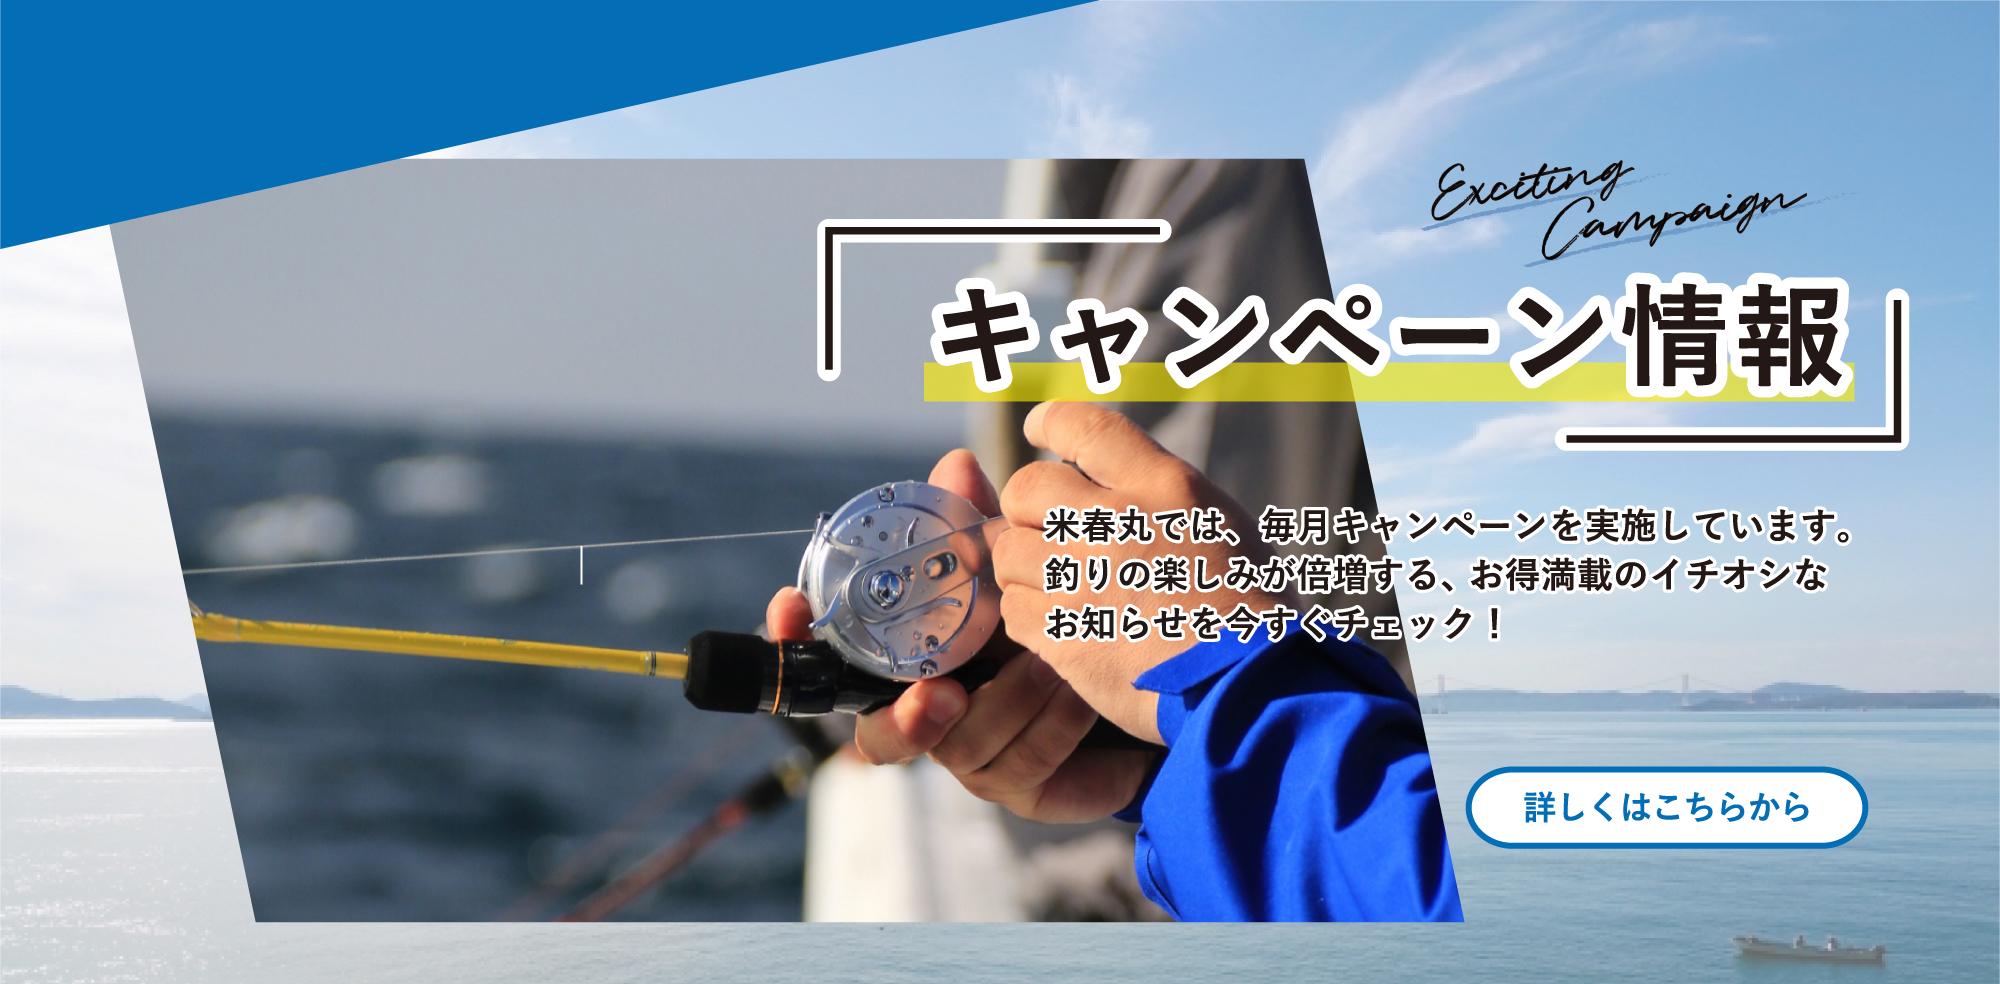 米春丸では、毎月キャンペーンを実施しています。釣りの楽しみが倍増する、 お得満載のイチオシなお知らせを今すぐチェック!